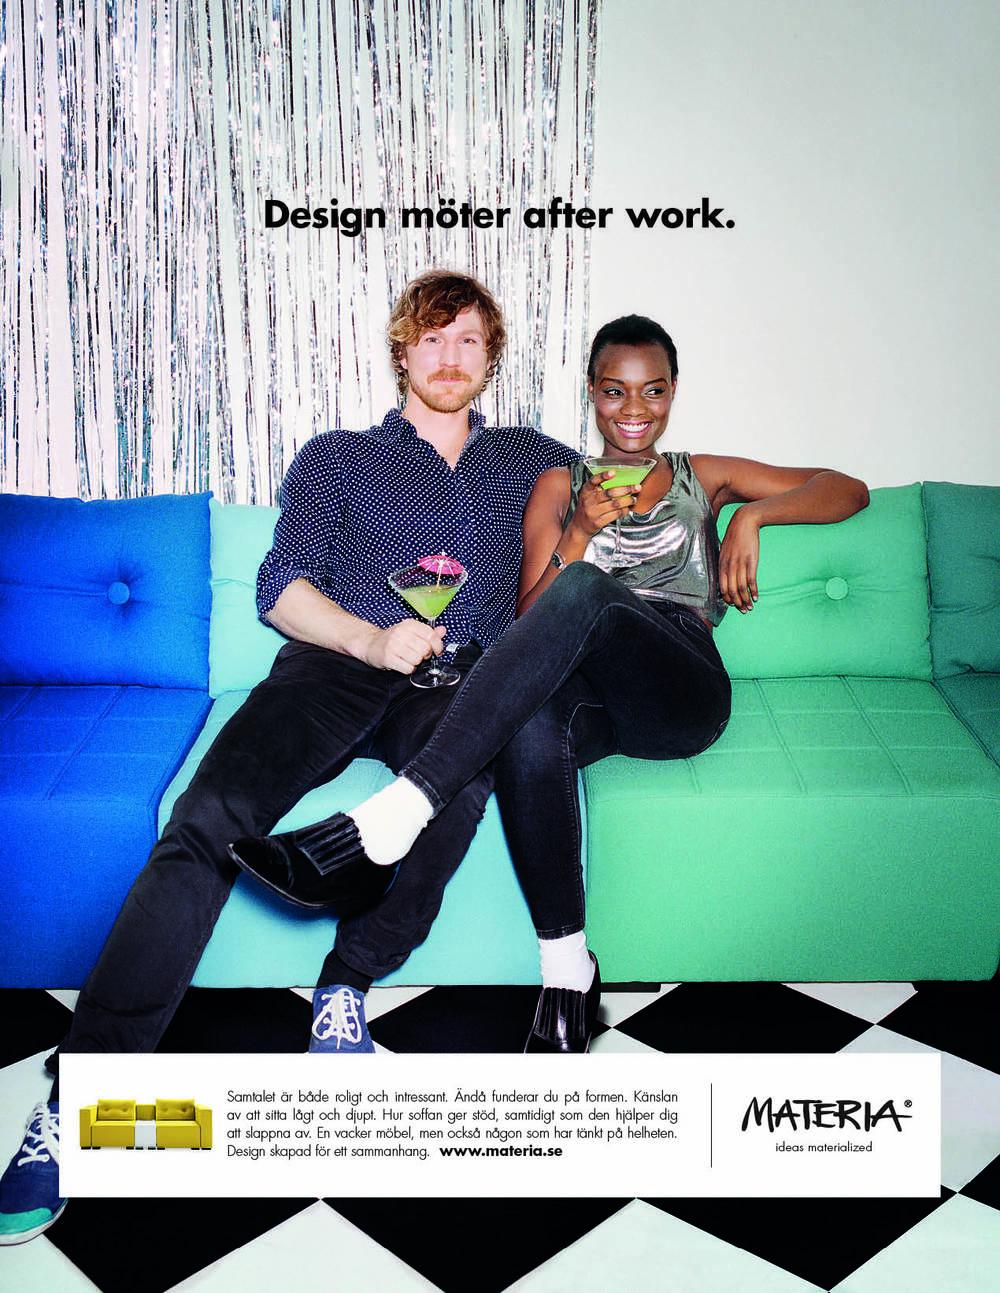 Materia_annonser3.jpg